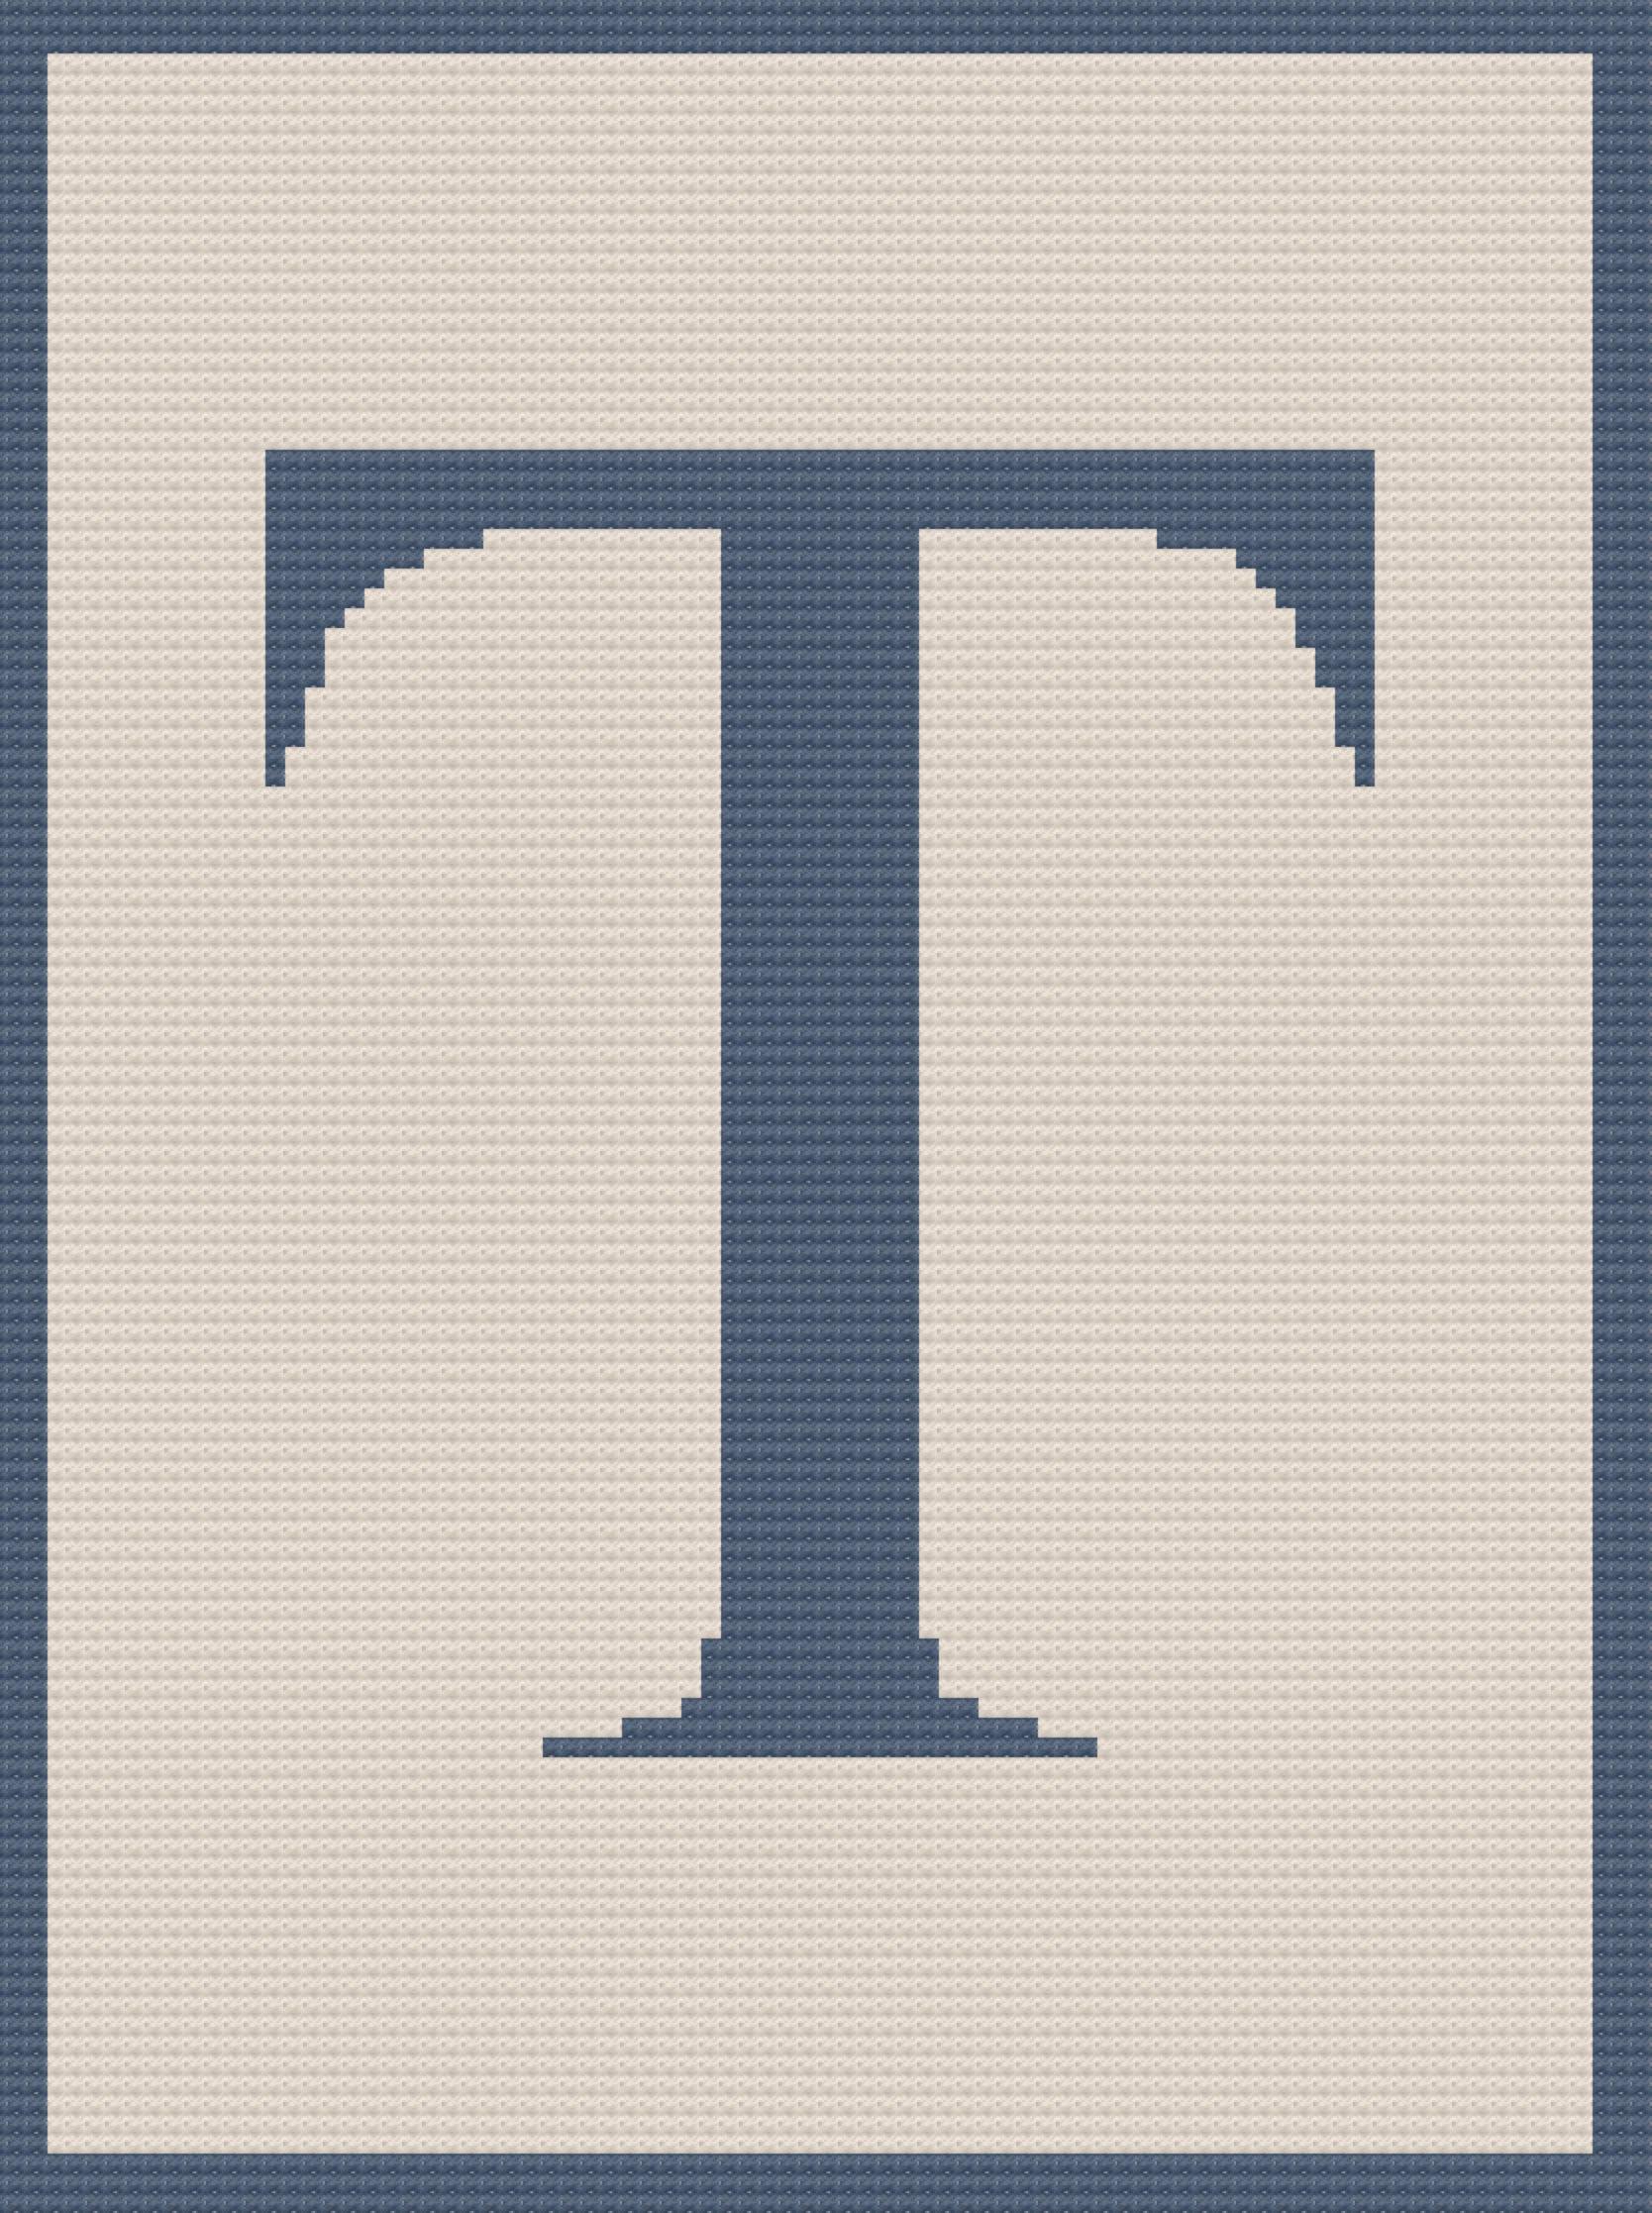 Letter T Twin Afghan C2c Crochet Pattern Written Row By Row